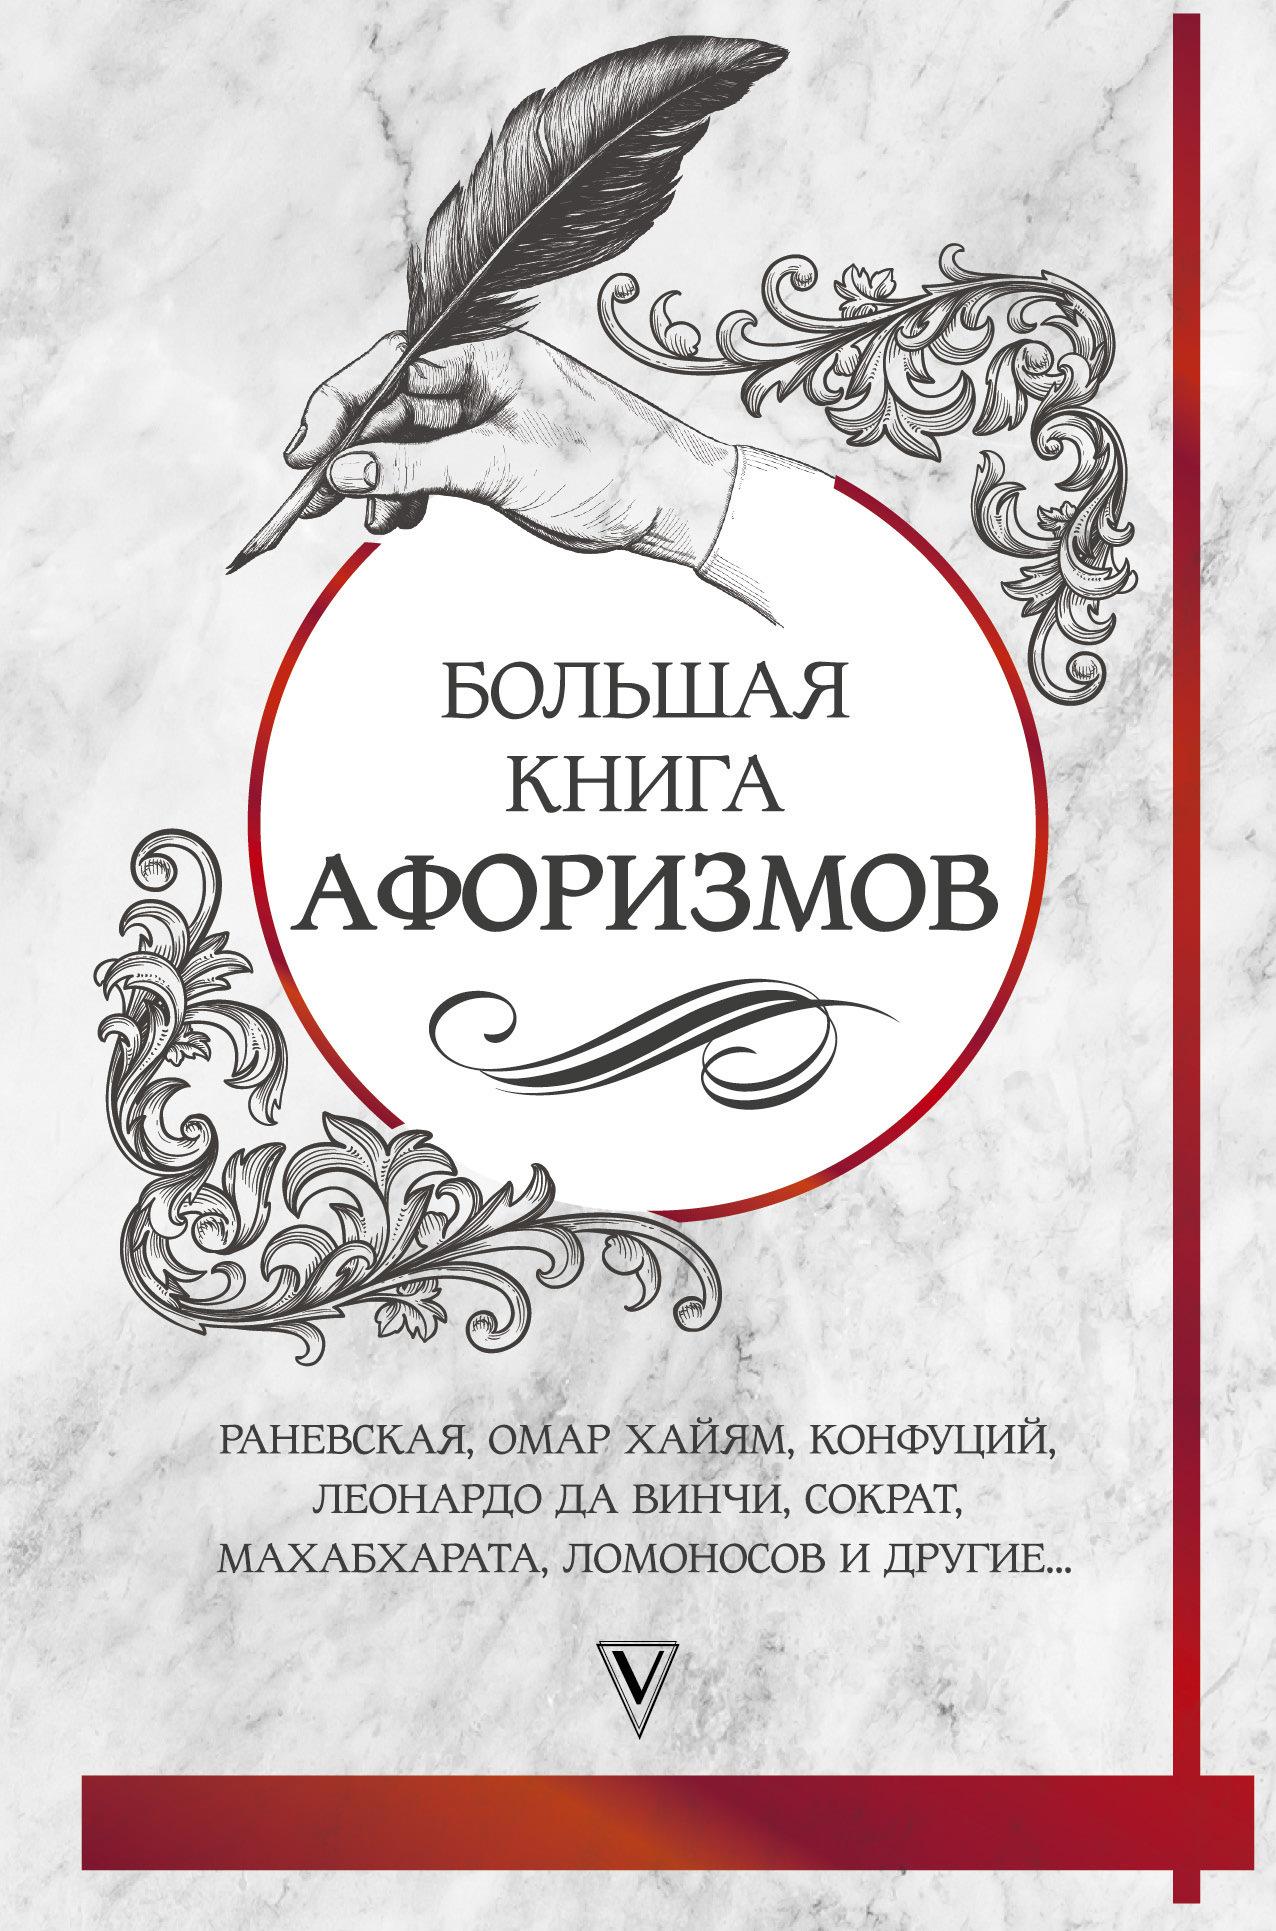 Сборник Большая книга афоризмов и цитат большая книга афоризмов и притч мудрость христианства